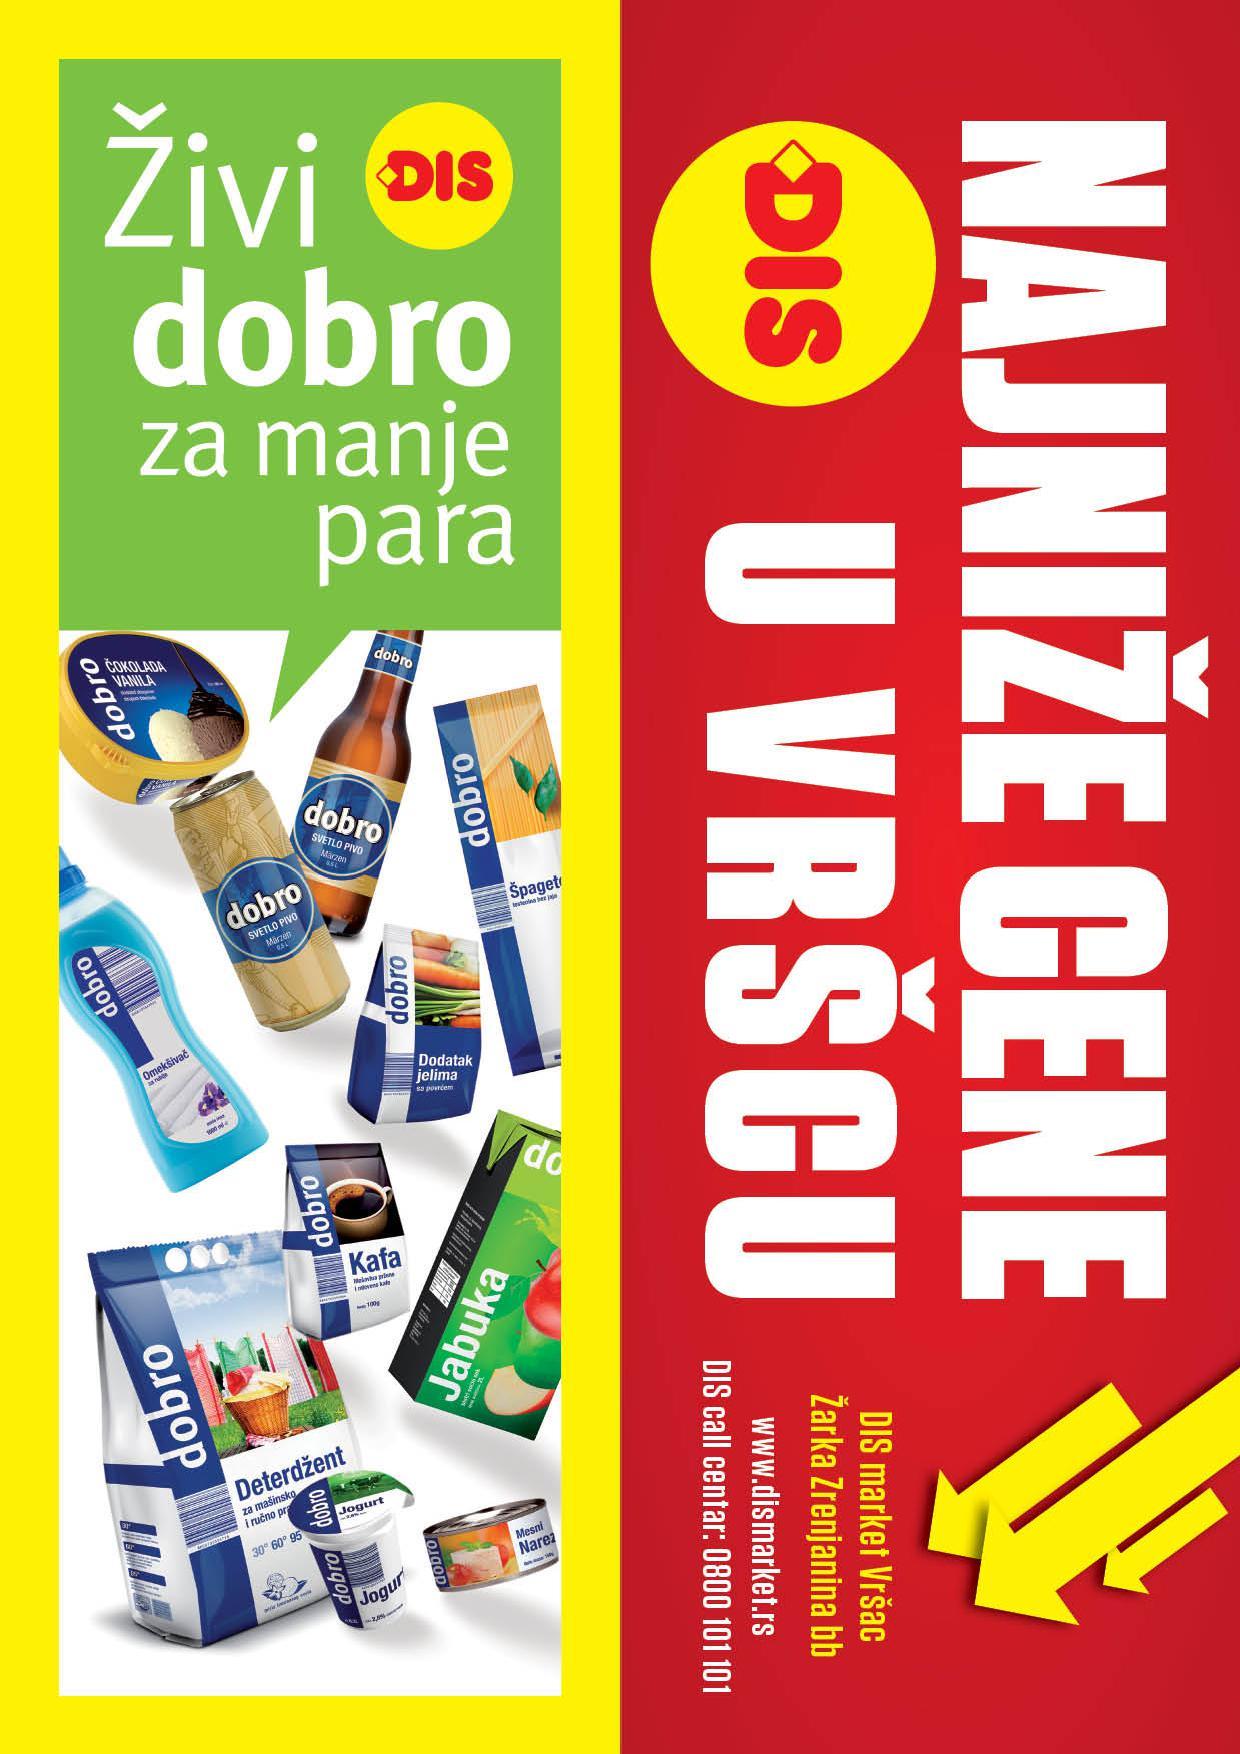 Dis katalog najniže cene u Vršcu!